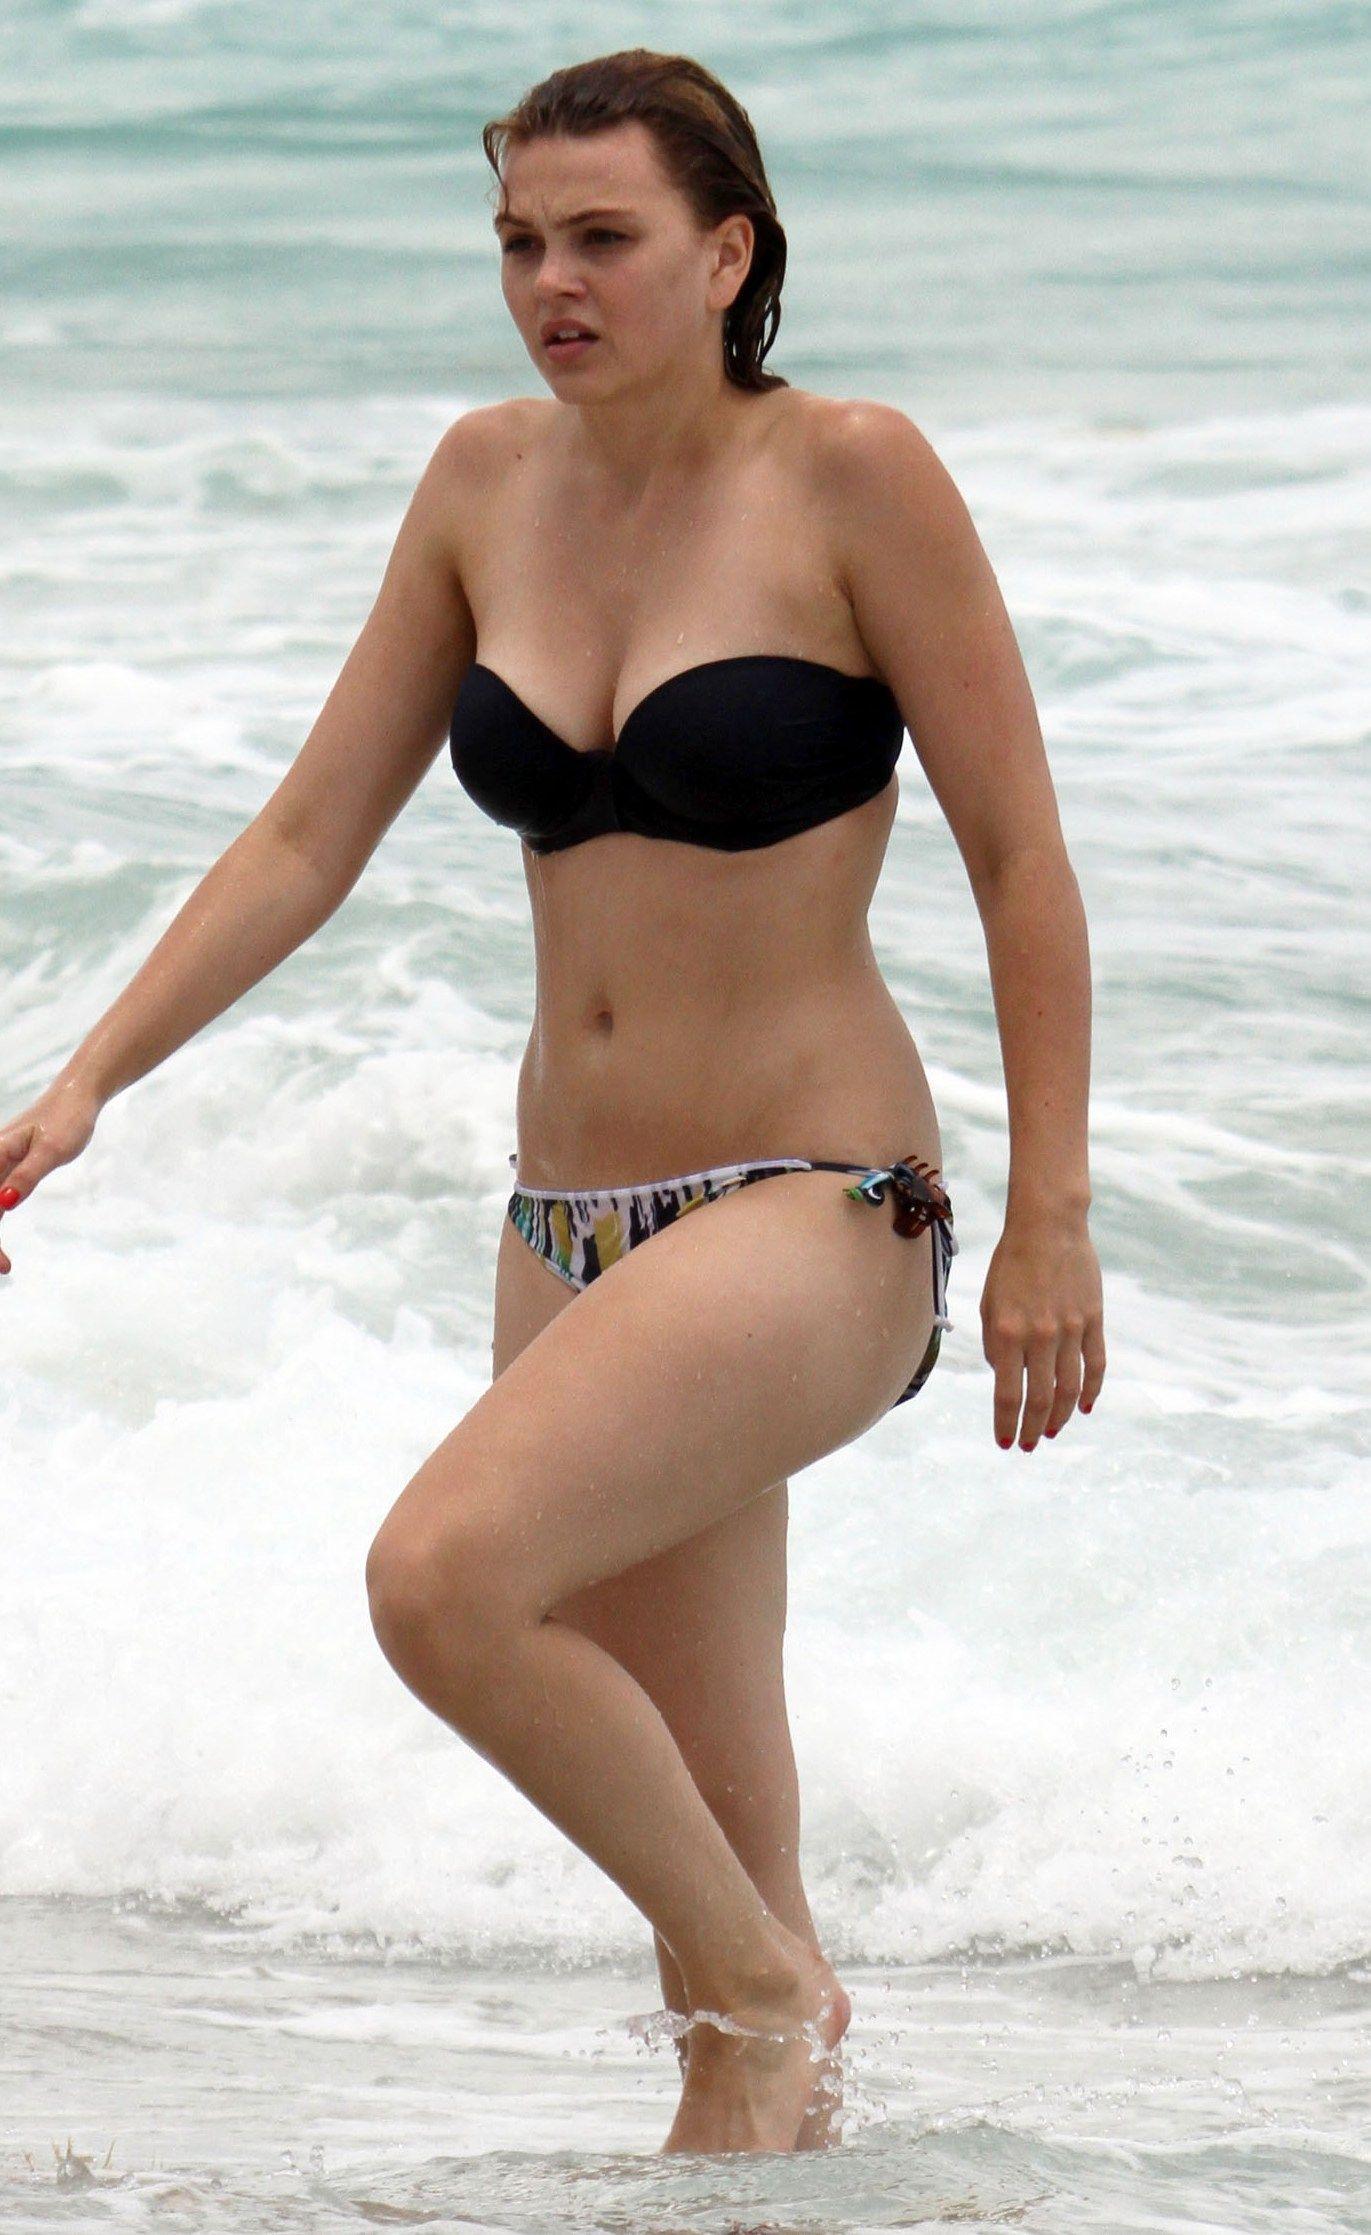 Aimee teegarden breasts pictures — 3